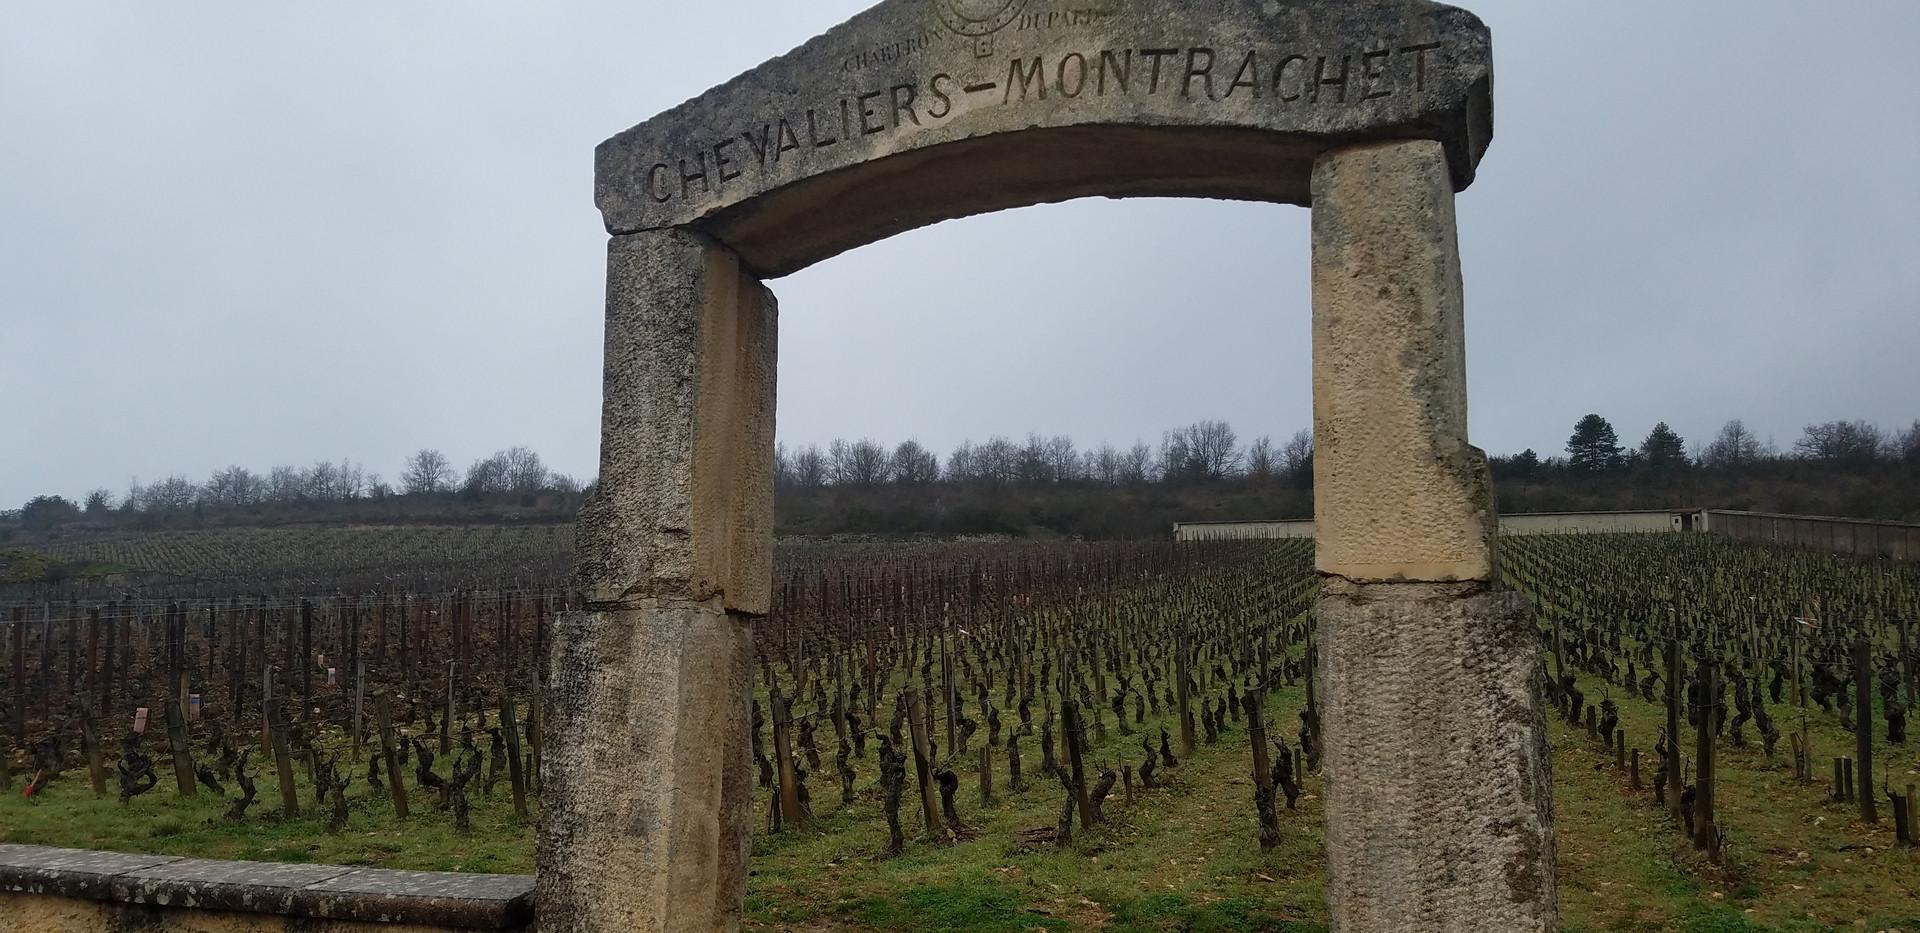 Chevaliers-Montrachet